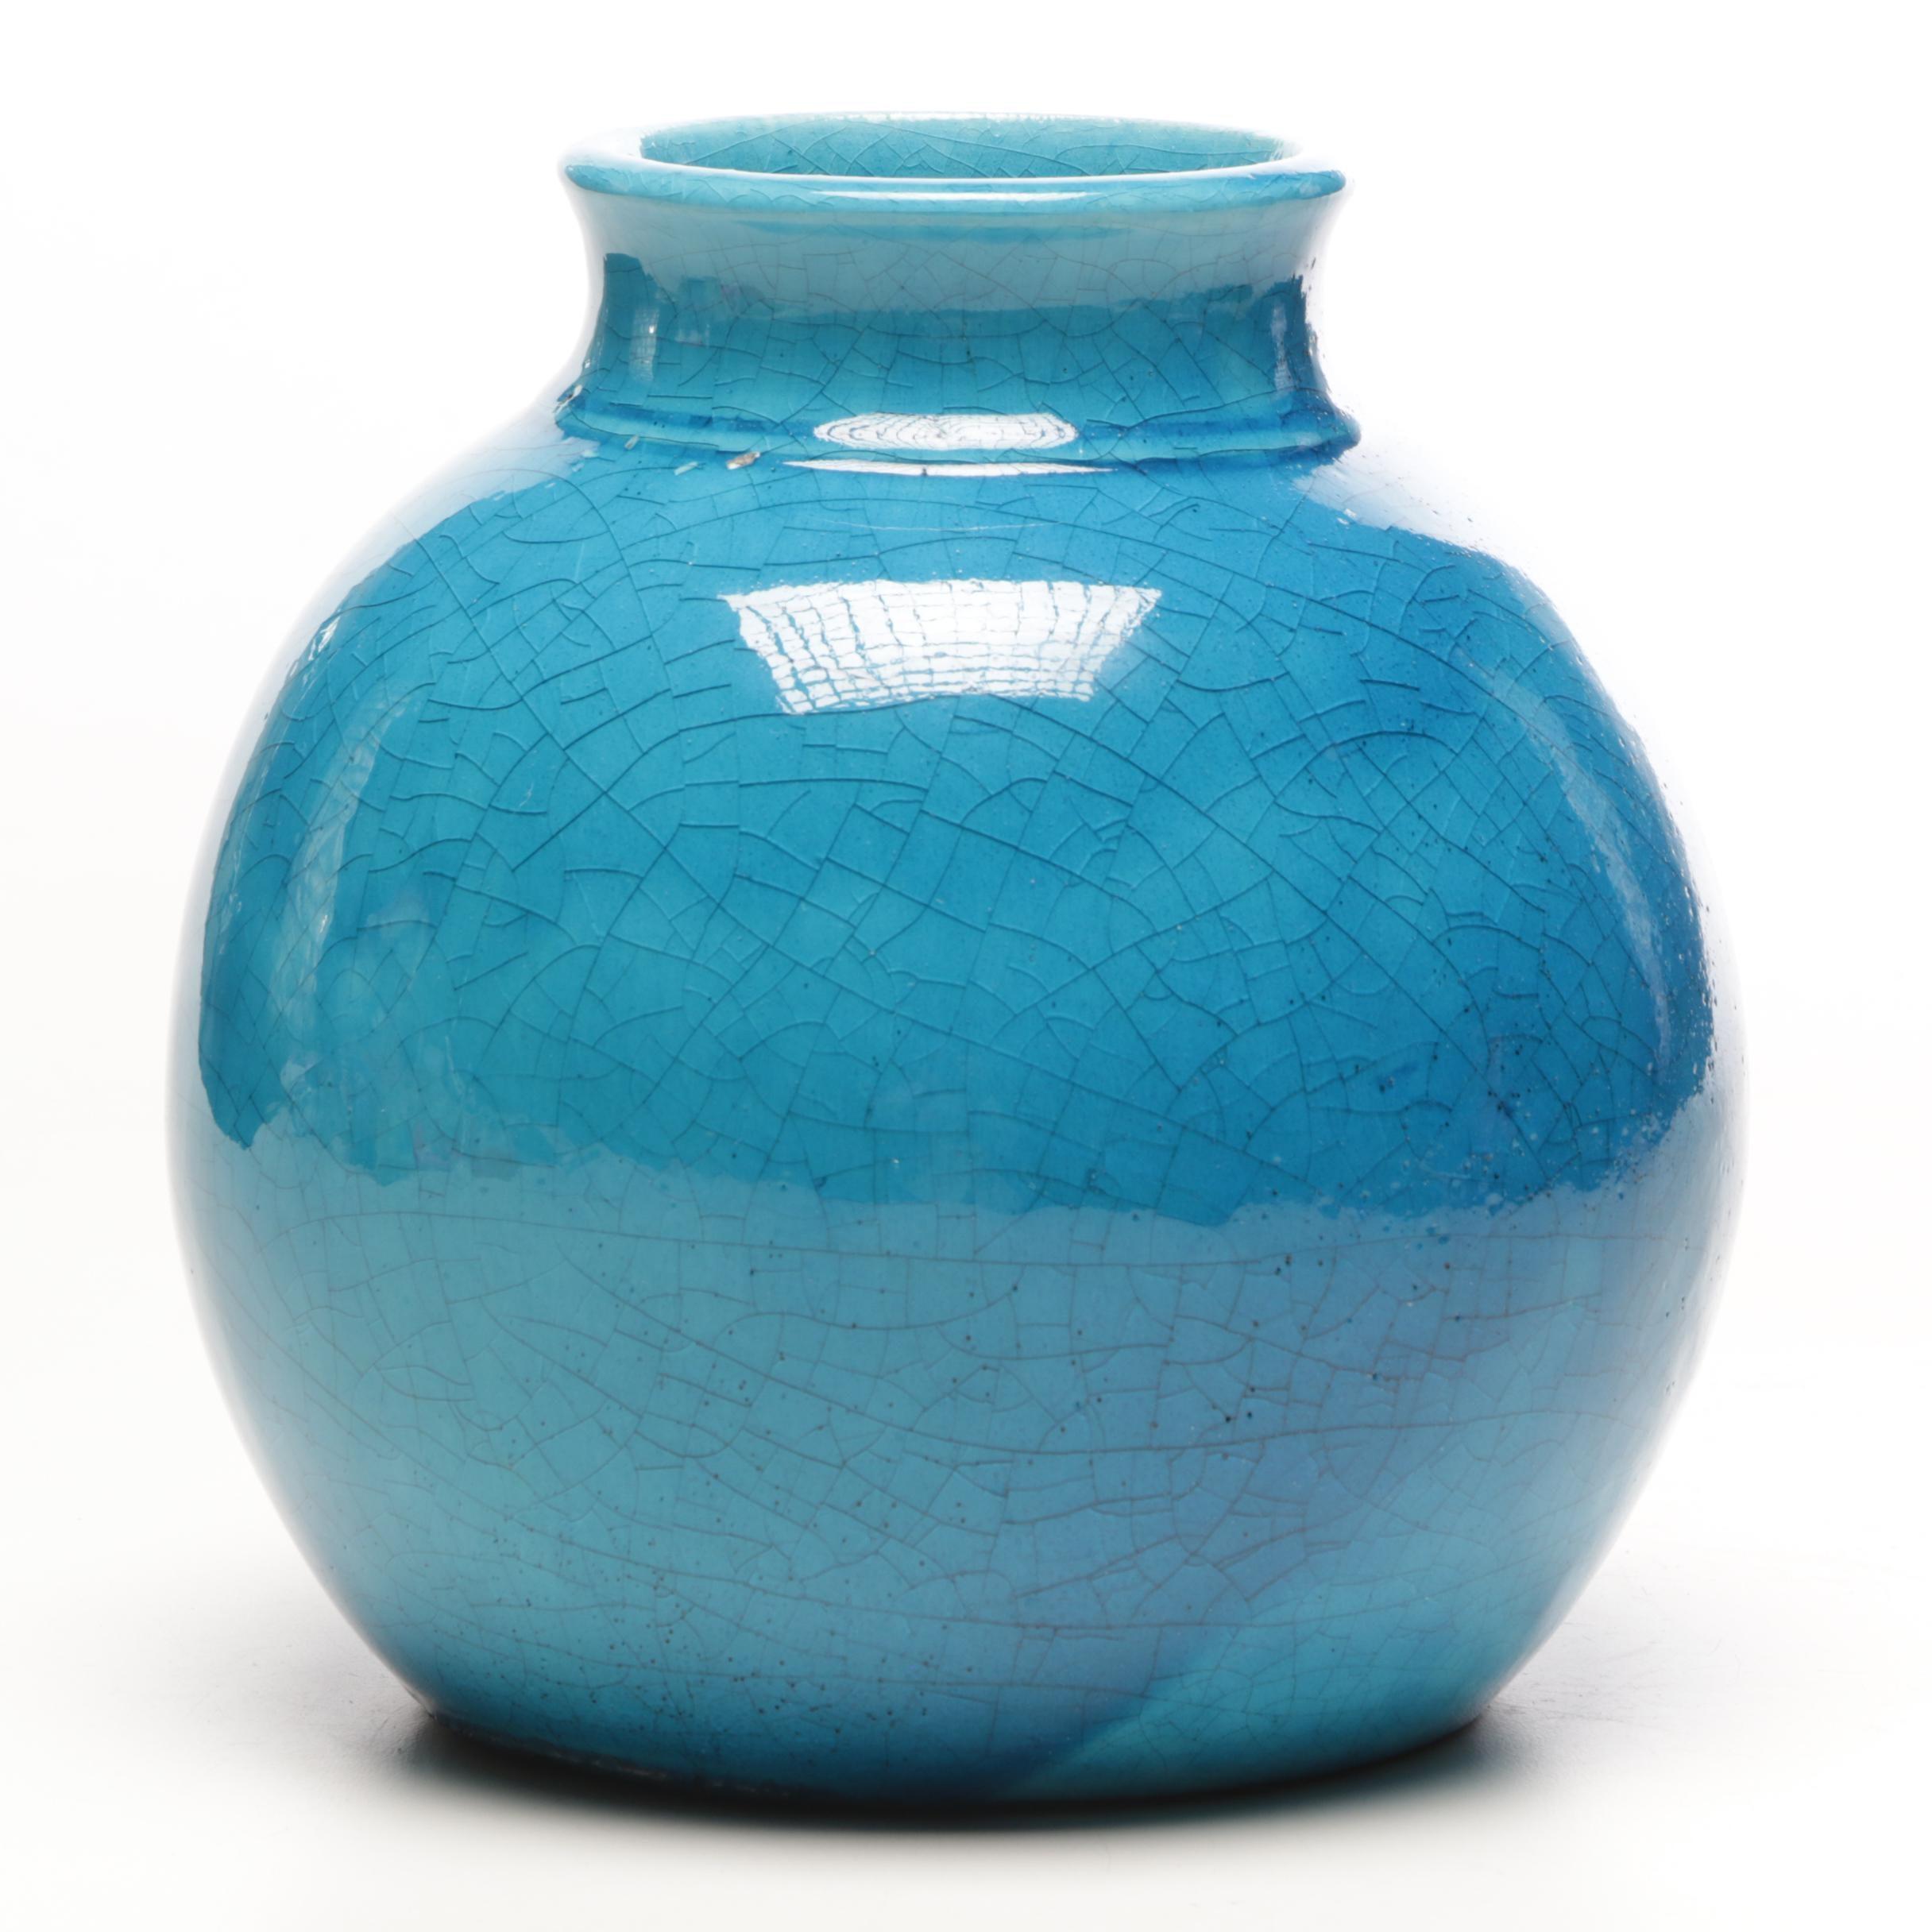 Edmond Lachenal Turquoise Gloss Glazed Vase